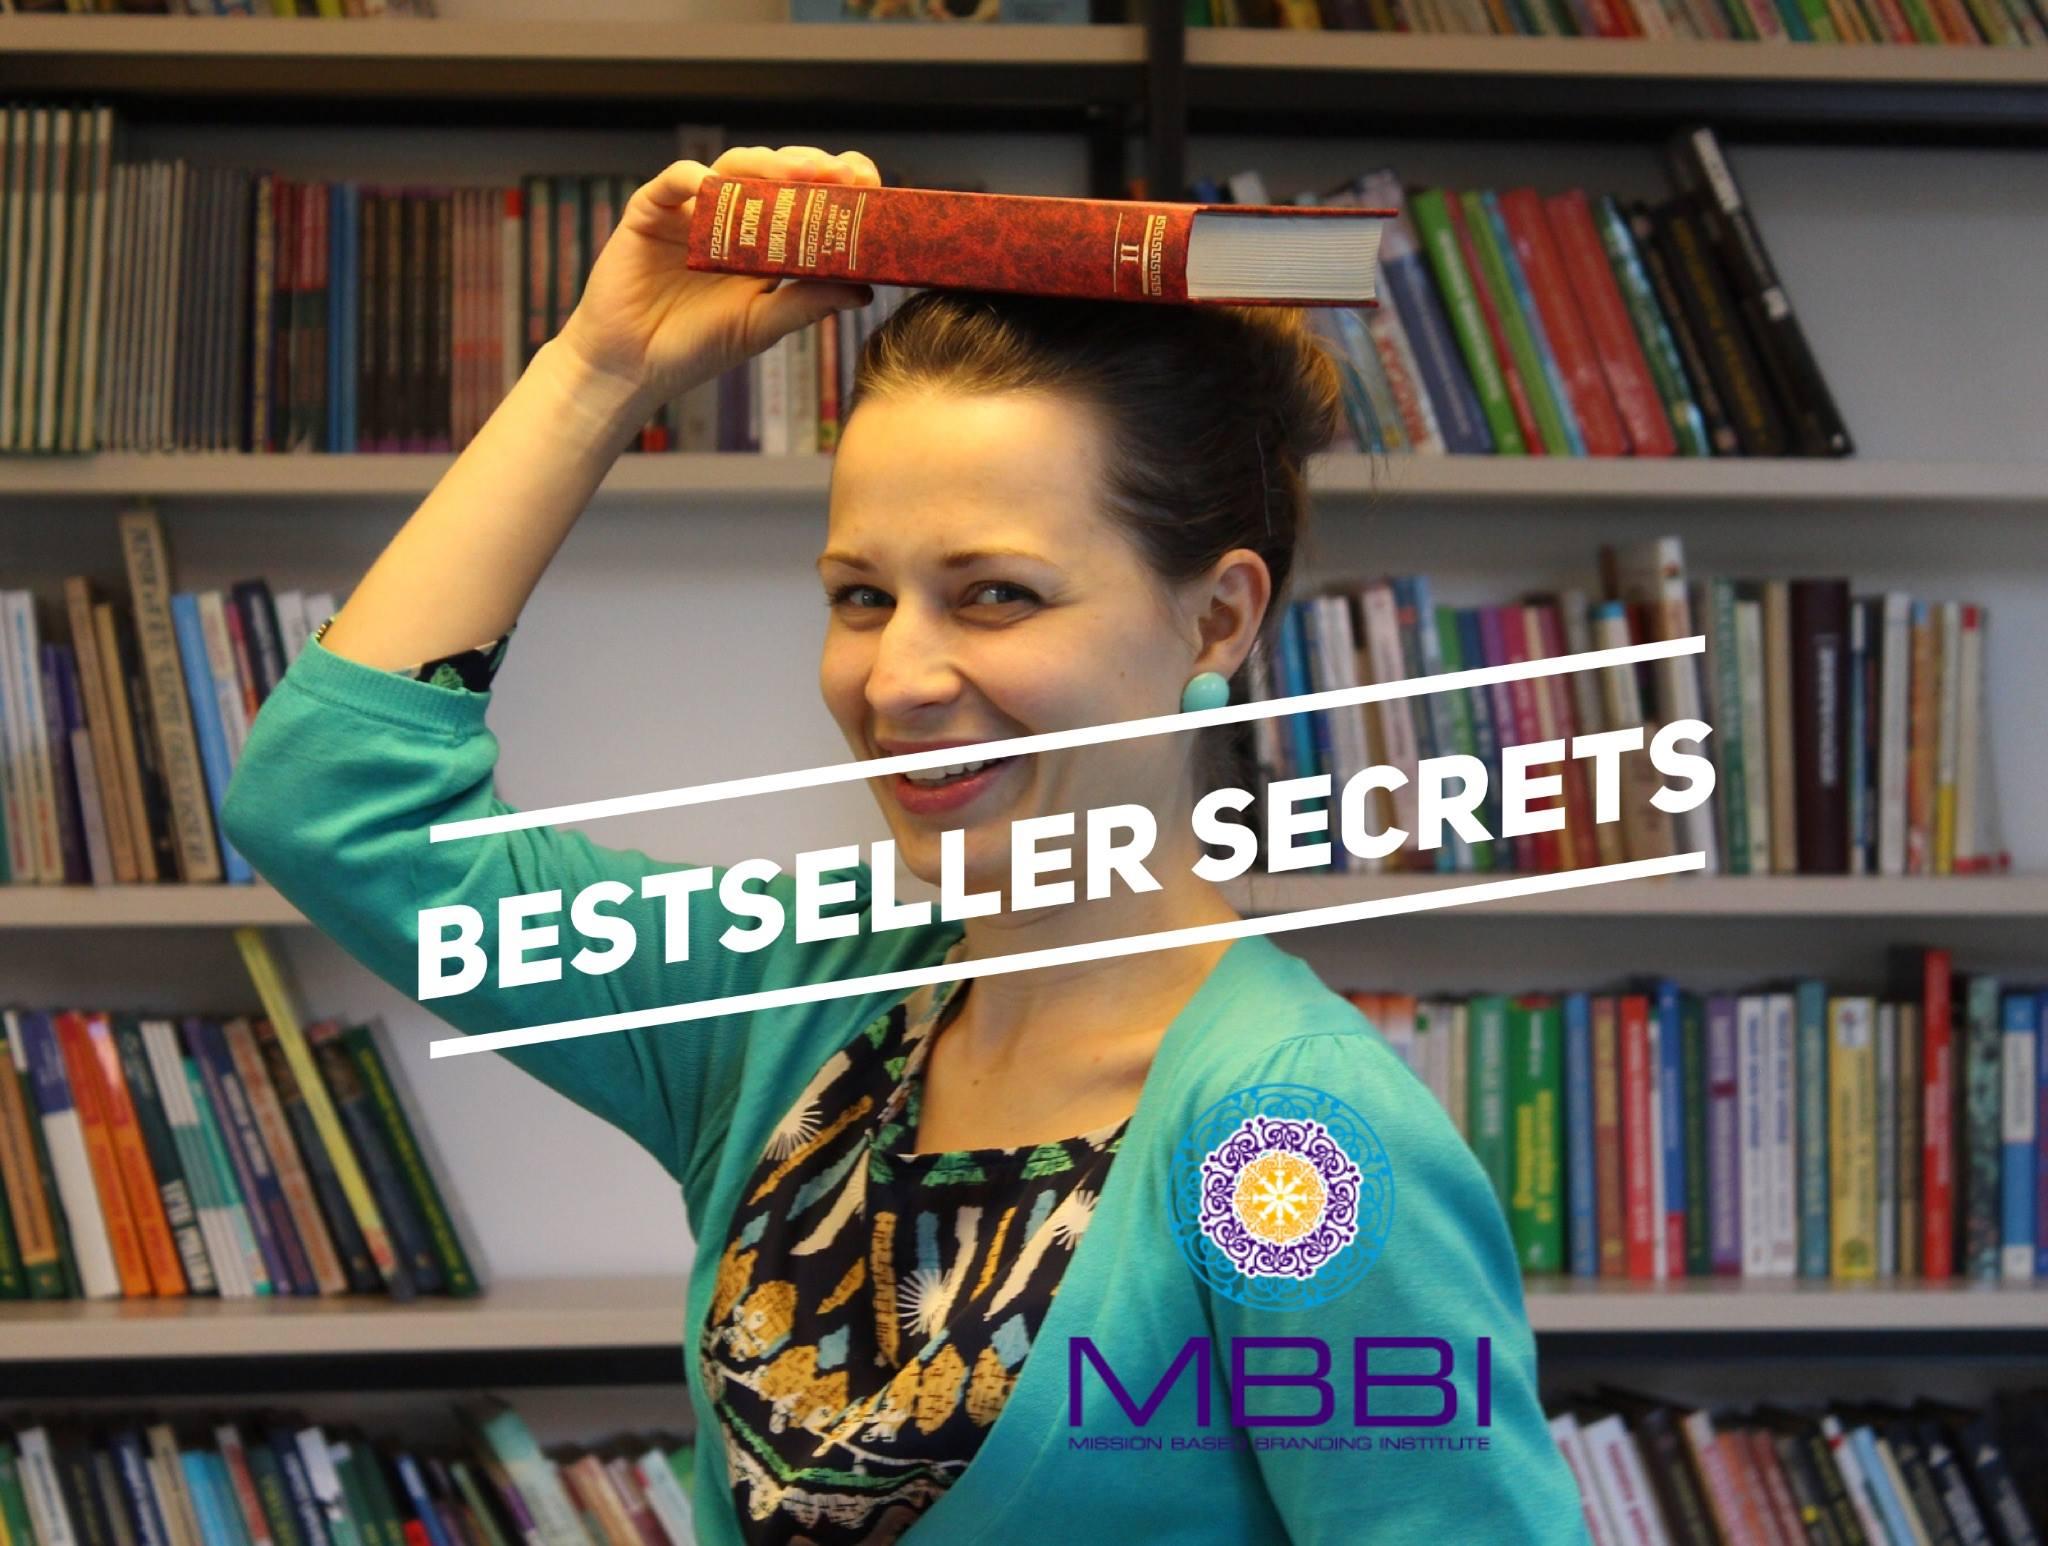 Bestseller secrets